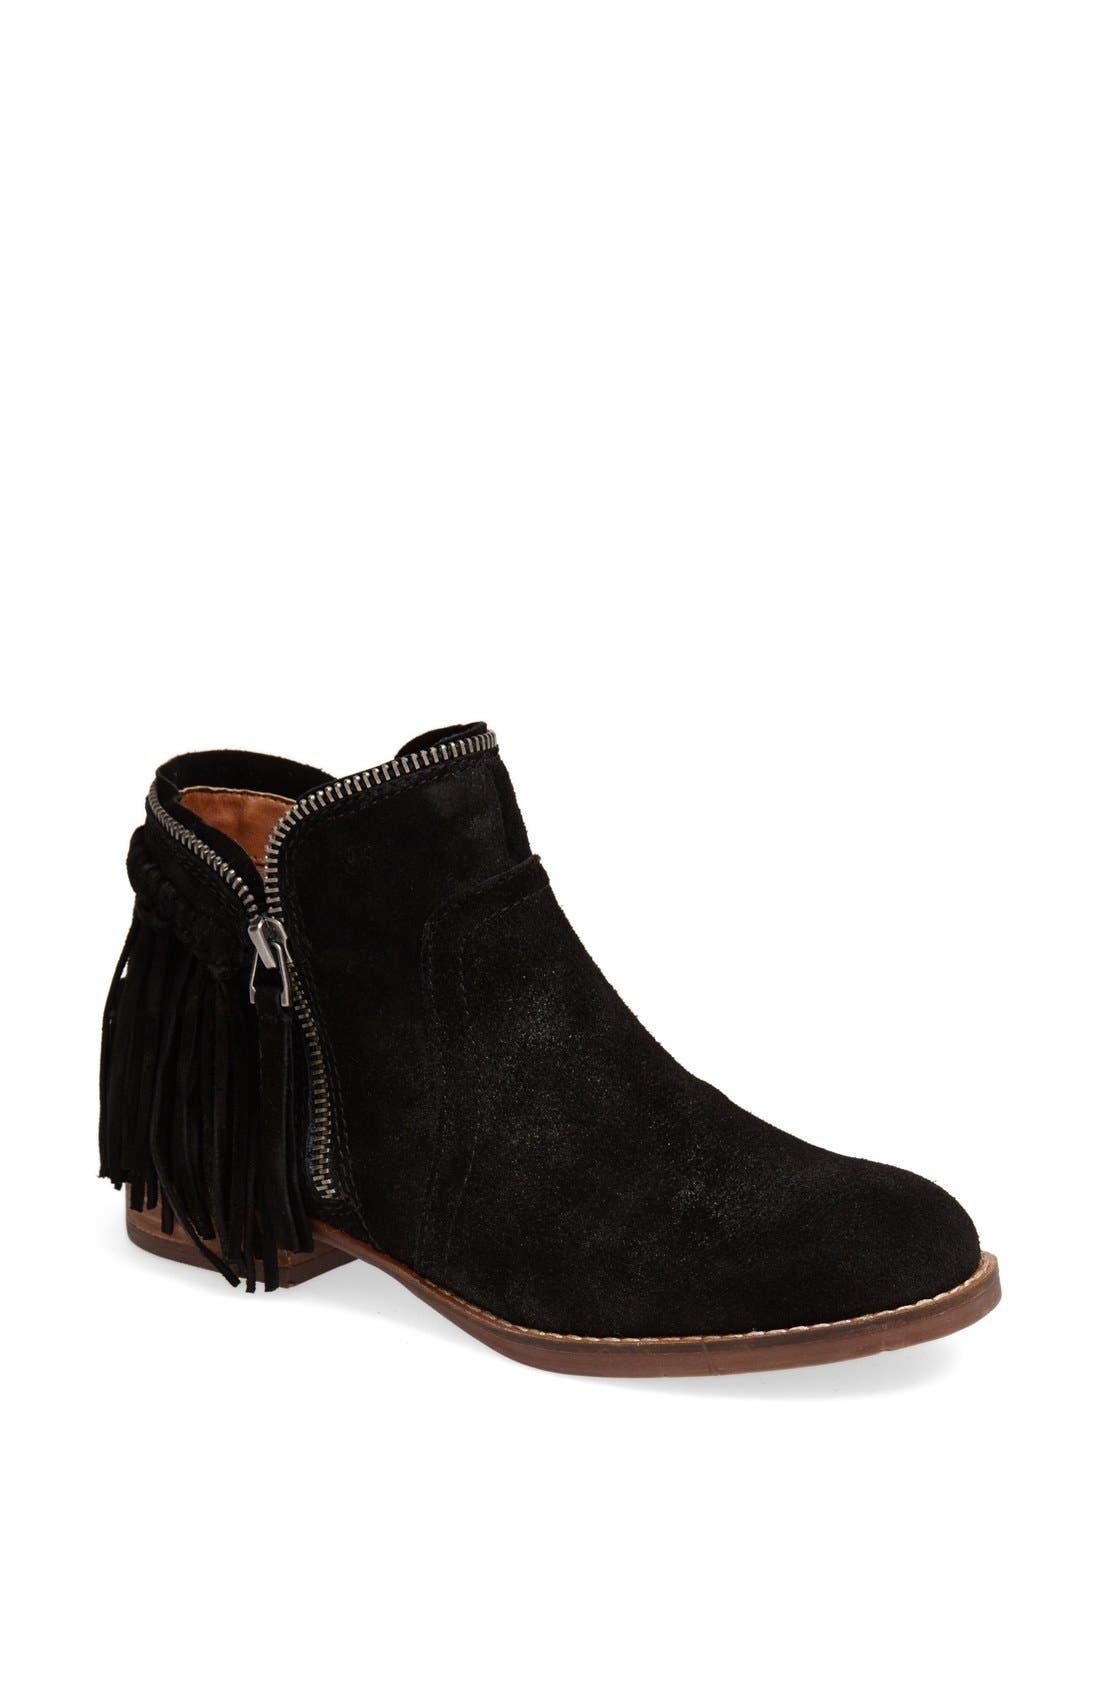 Alternate Image 1 Selected - DV Footwear 'Fisher' Bootie